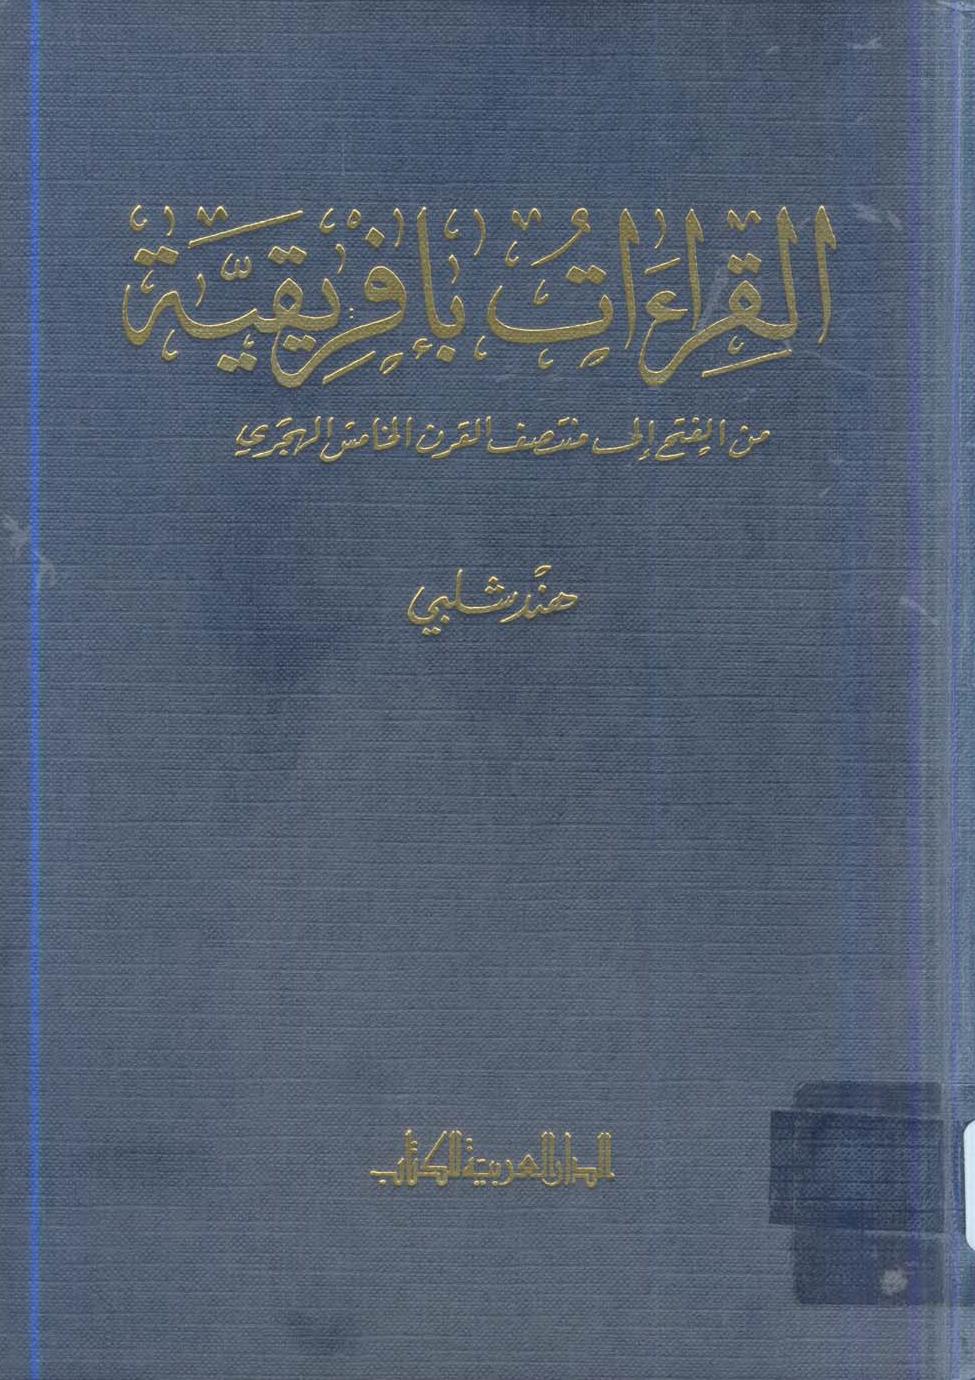 تحميل كتاب القراءات بإفريقية من الفتح إلى منتصف القرن الخامس الهجري لـِ: هند أحمد شلبي